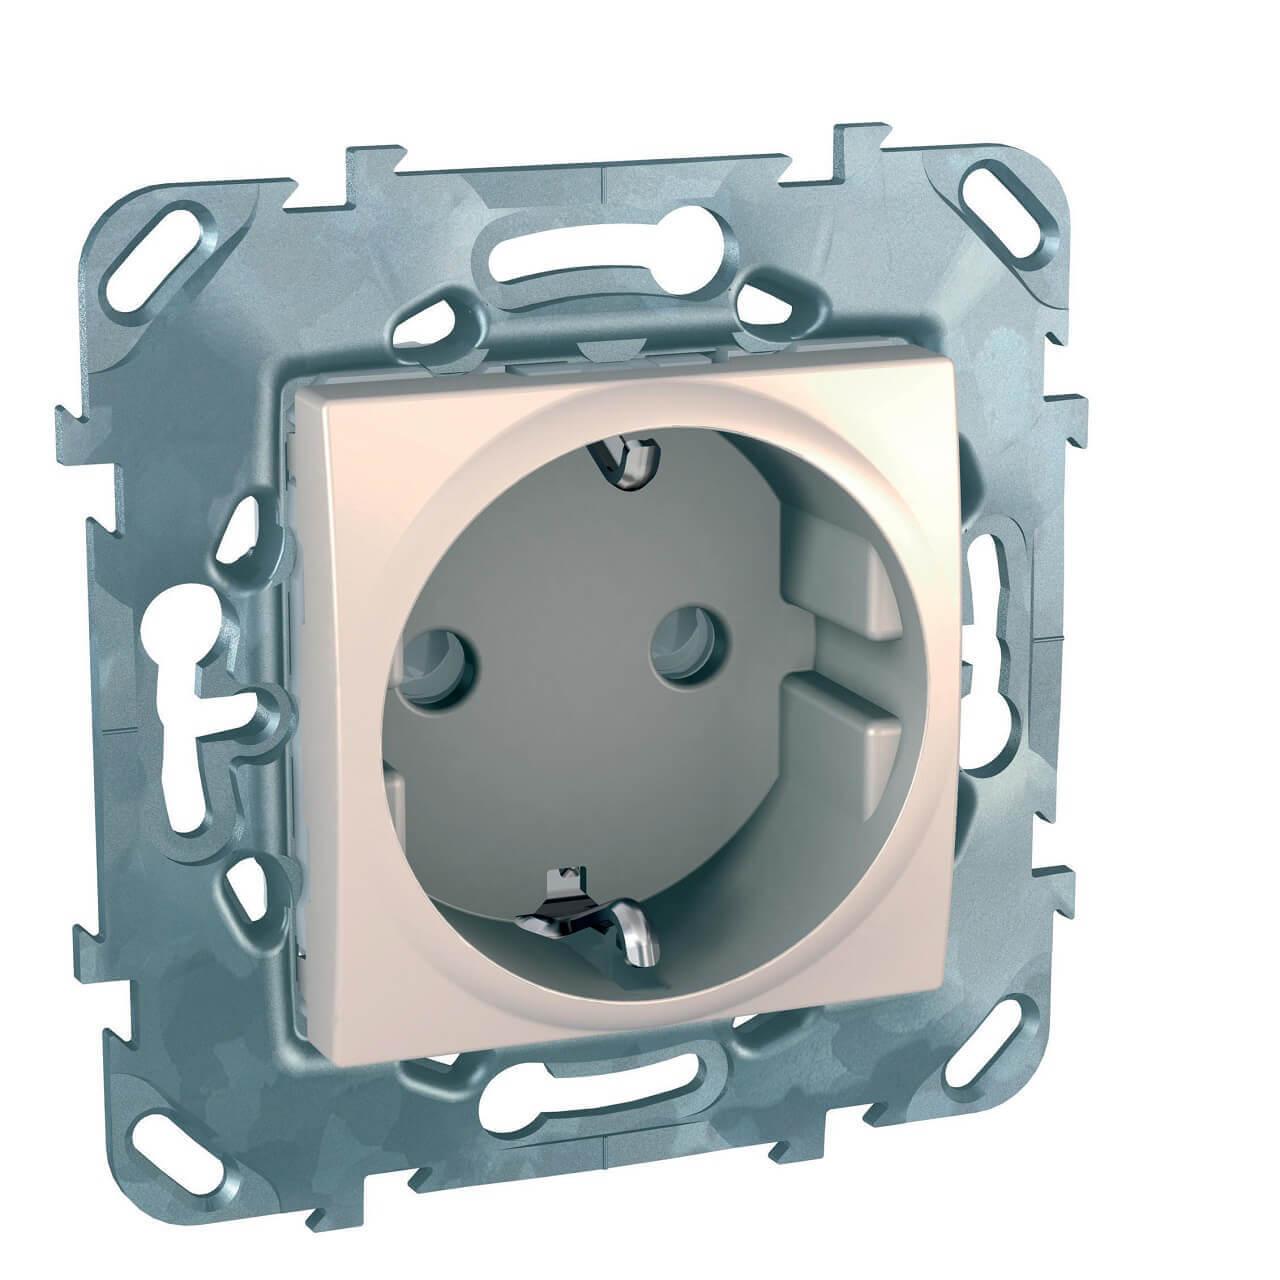 Розетка Schneider Electric MGU5.057.25ZD Unica (Подходит под рамки Unica, Хамелеон, Quadro) розетка schneider electric mgu23 067 25d unica